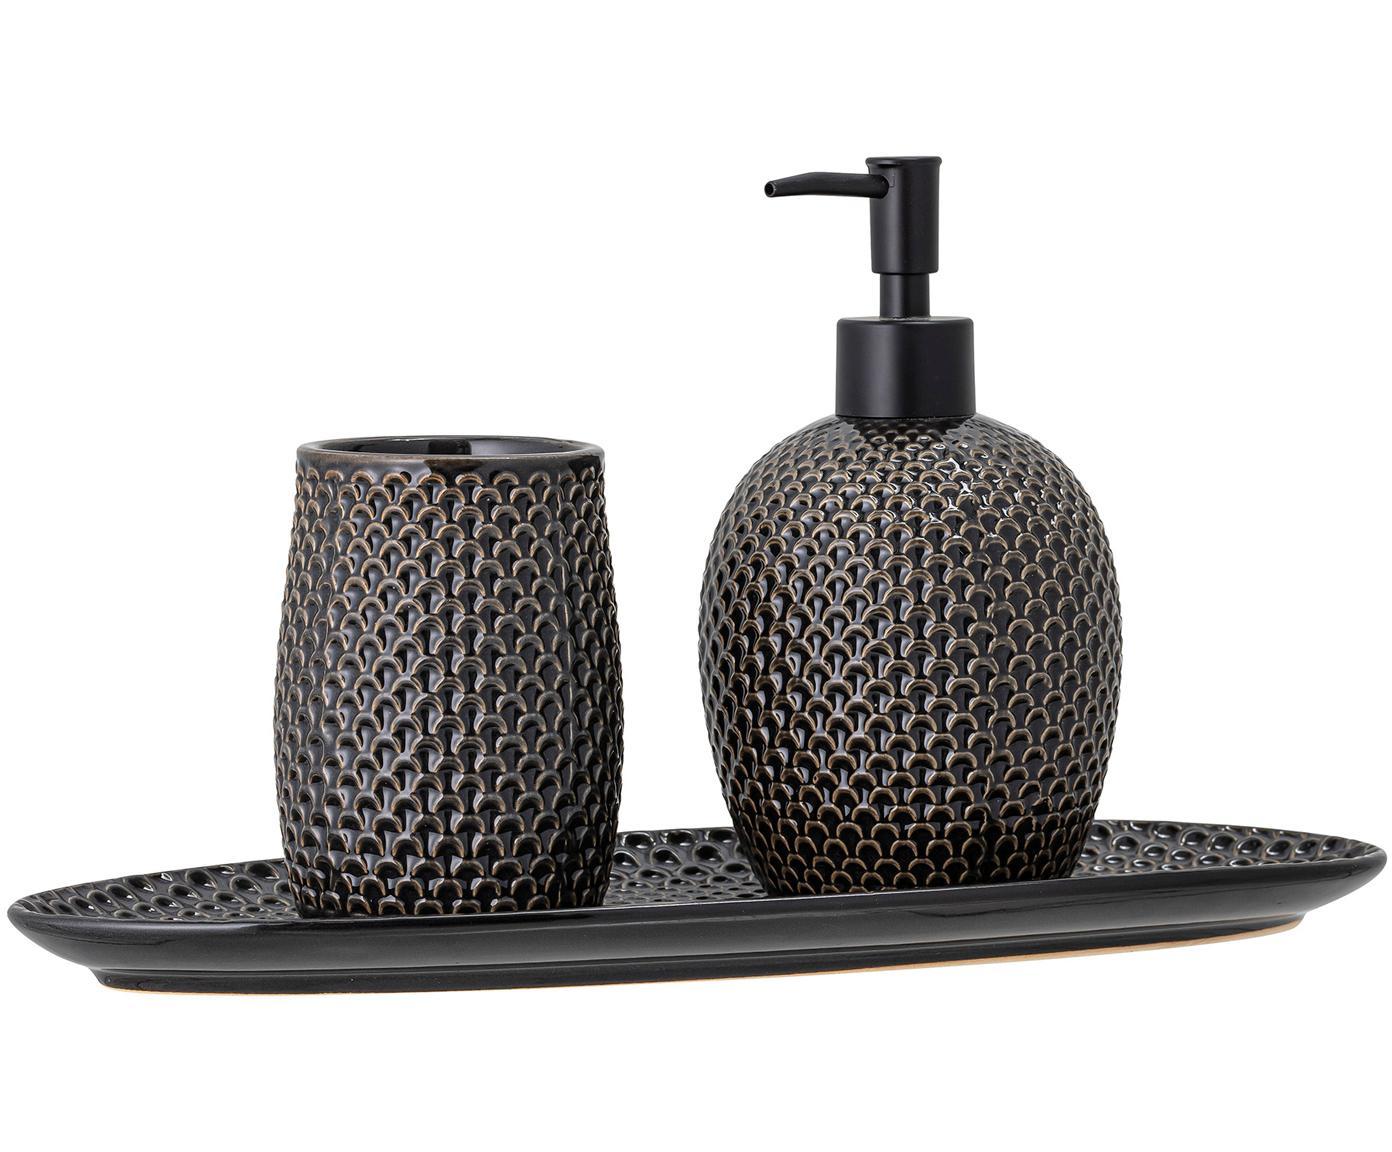 Ręcznie wykonany dozownik do mydła Gustav, Kamionka, polipropylen, Antracytowy, Różne rozmiary